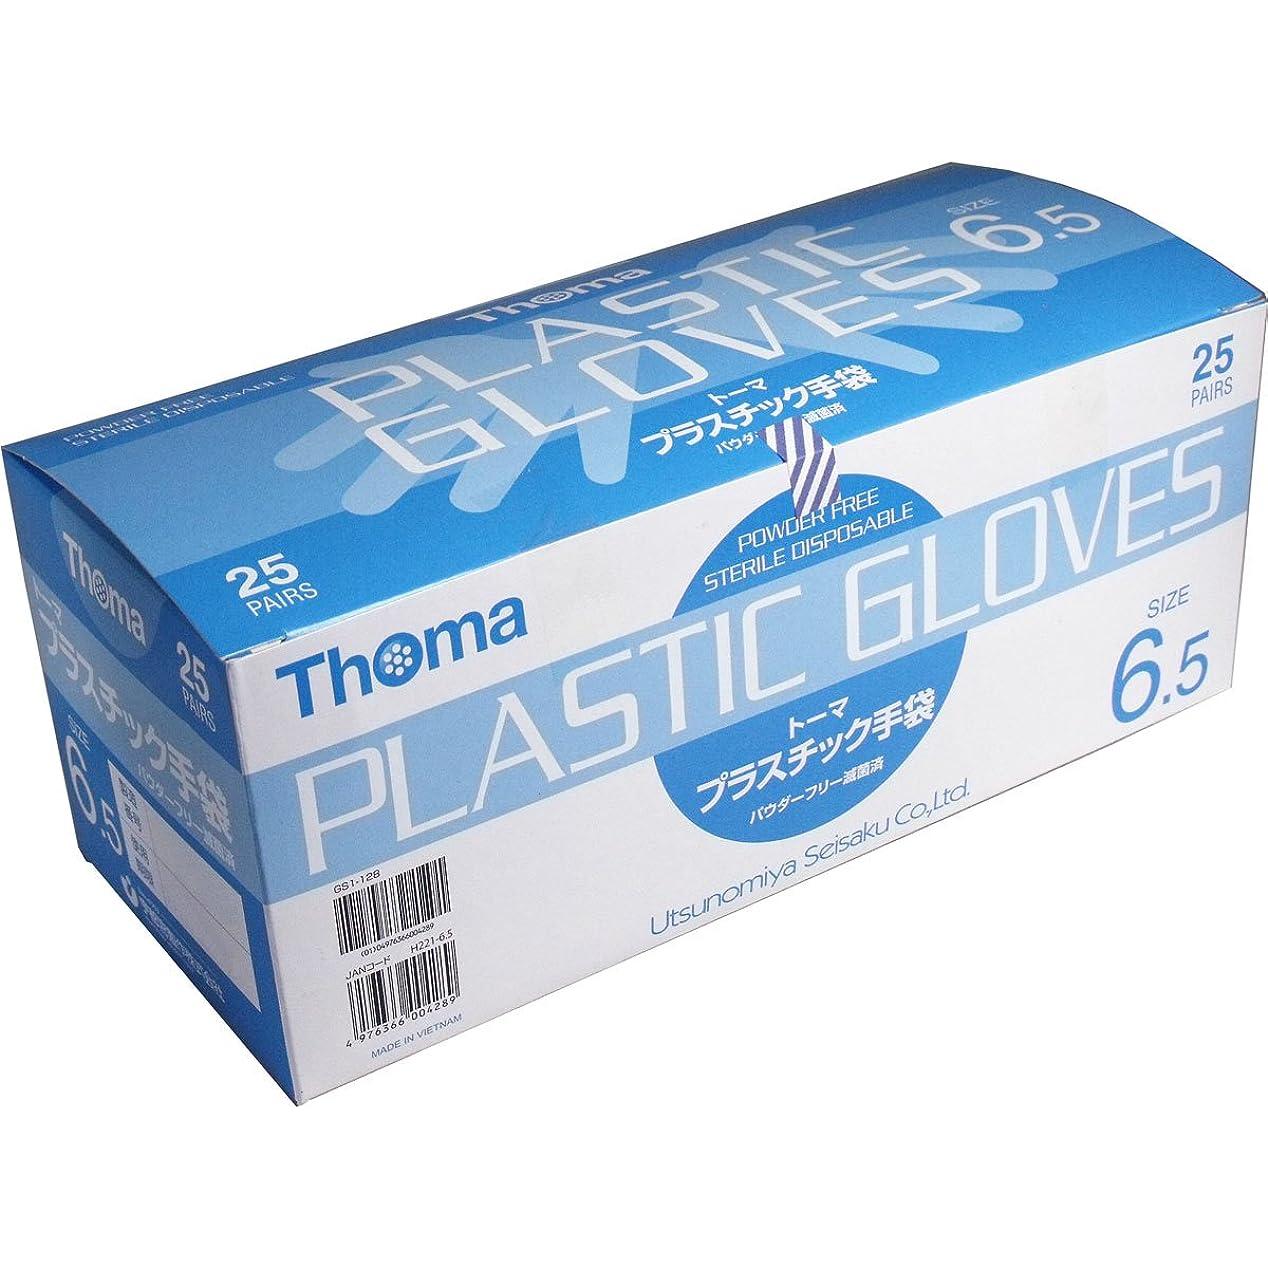 トレース待って順応性超薄手プラスチック手袋 1双毎に滅菌包装、衛生的 便利 トーマ プラスチック手袋 パウダーフリー滅菌済 25双入 サイズ6.5【3個セット】